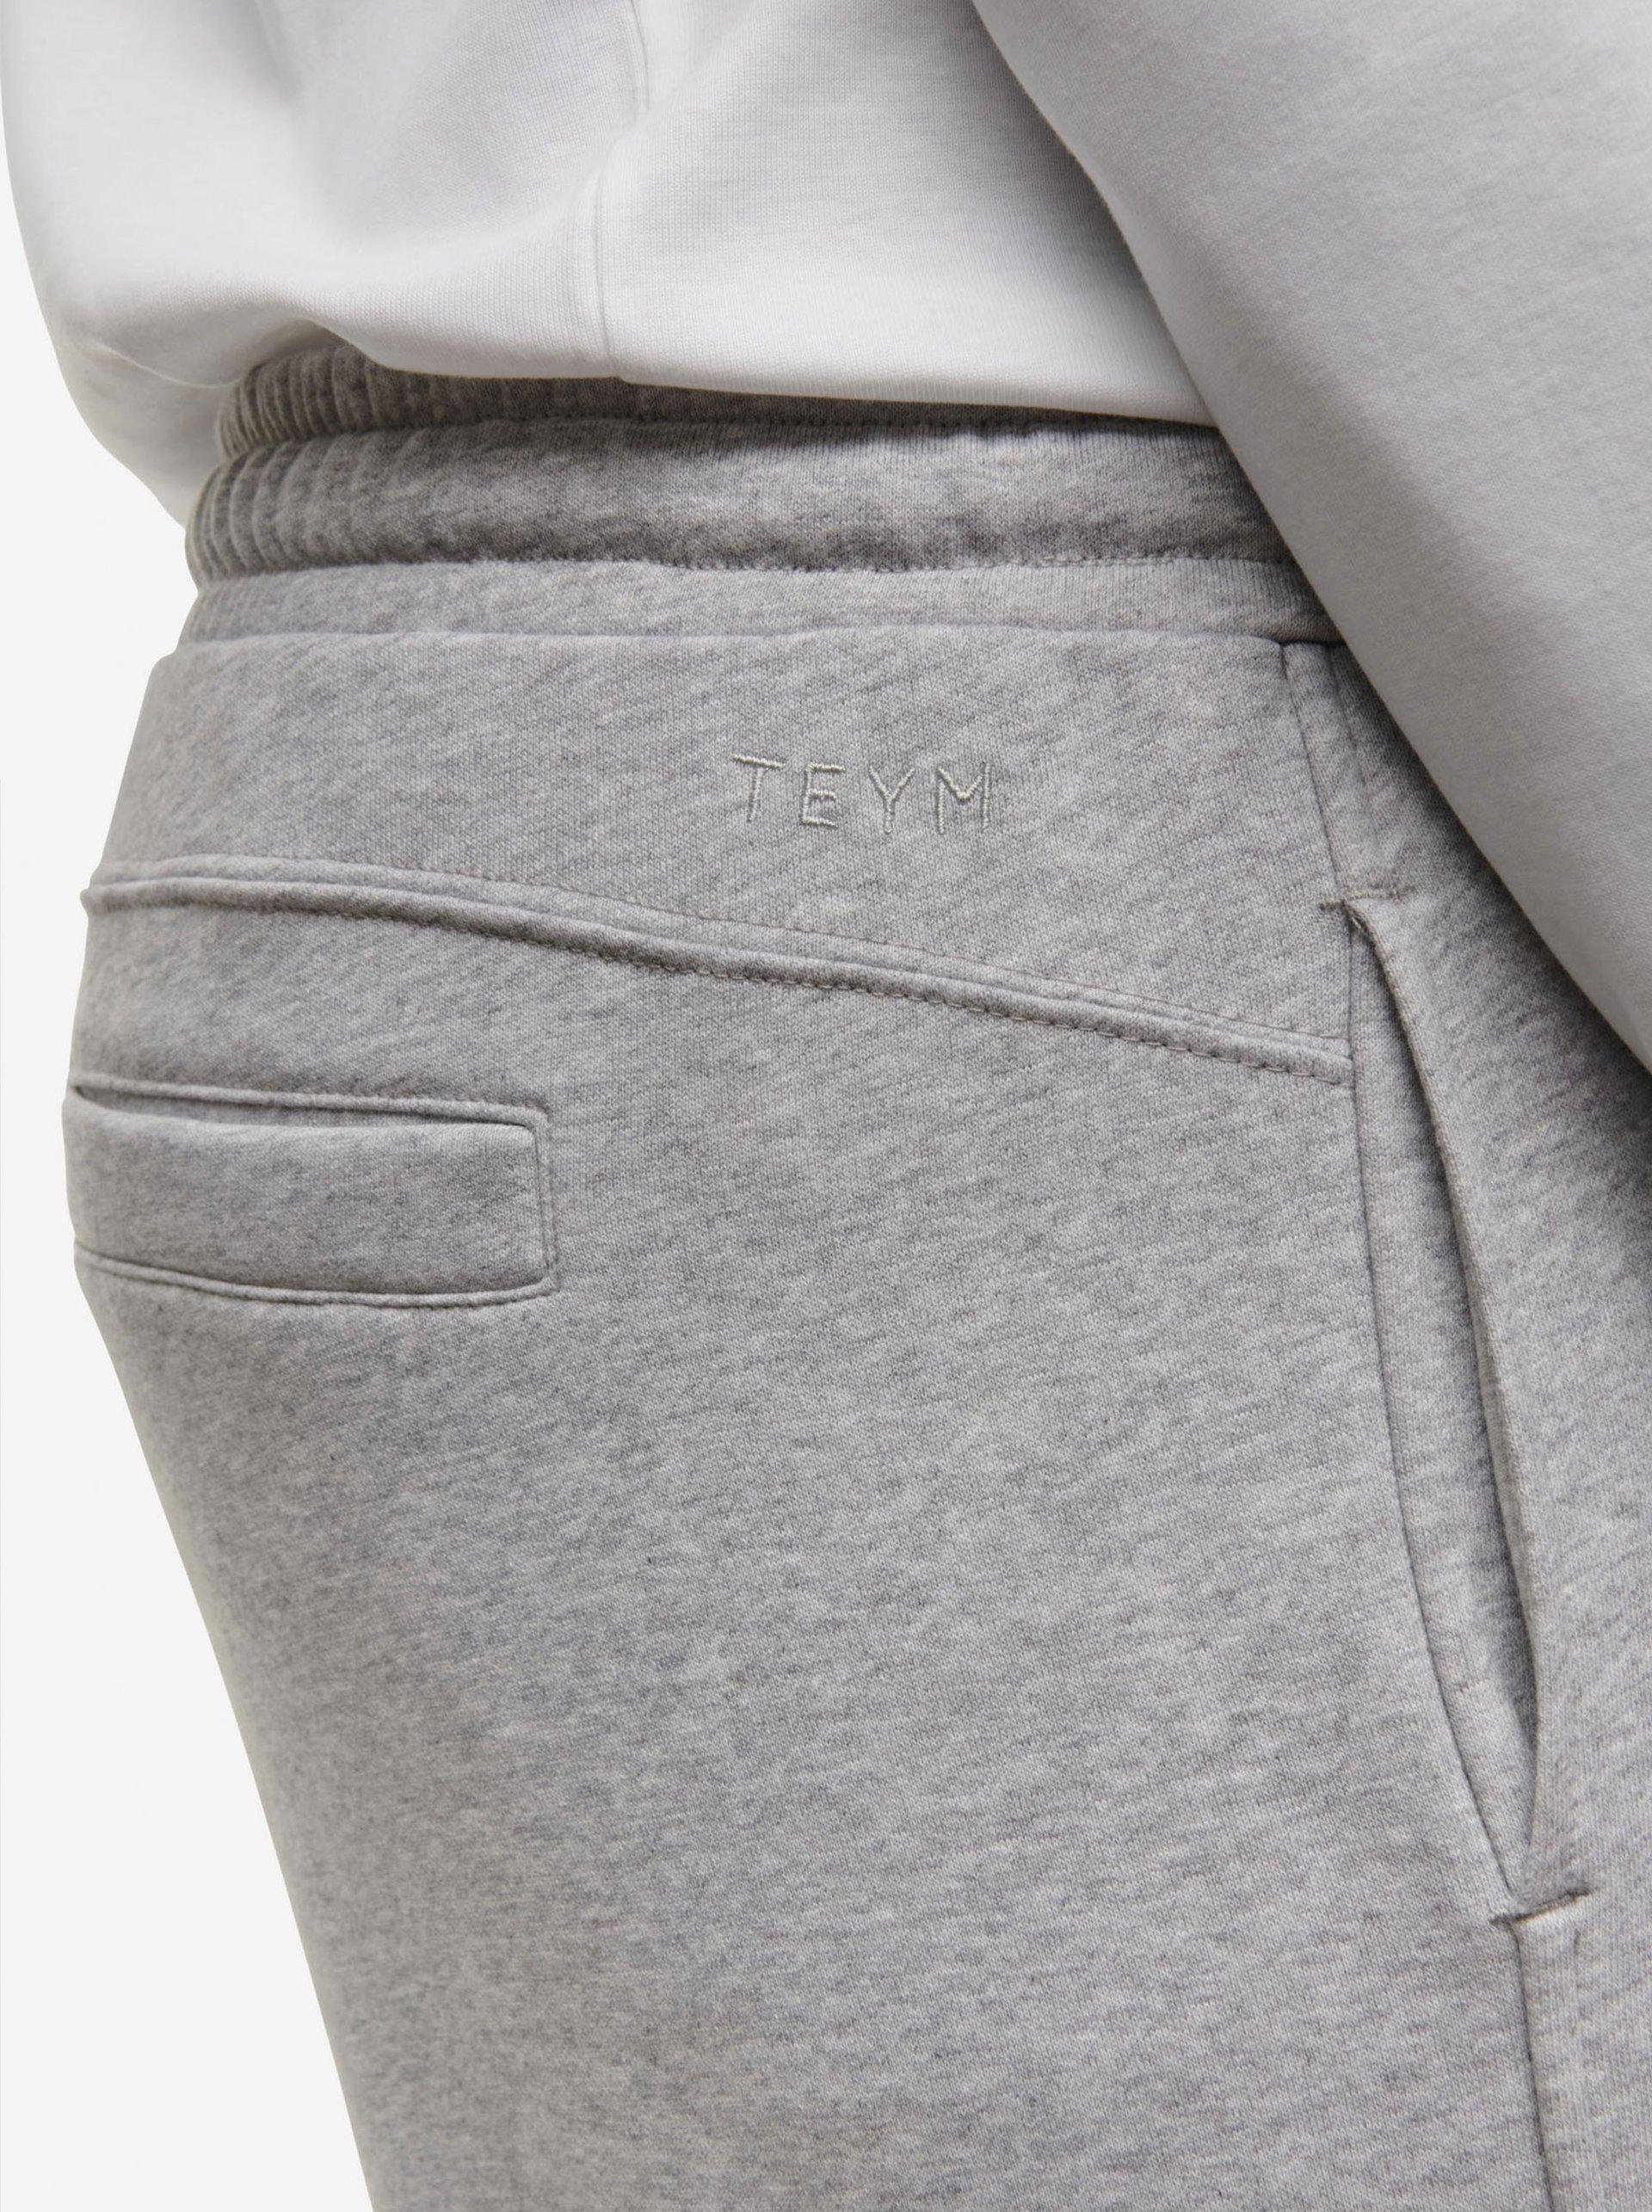 Teym-TheSweatpant-Men-Grey02